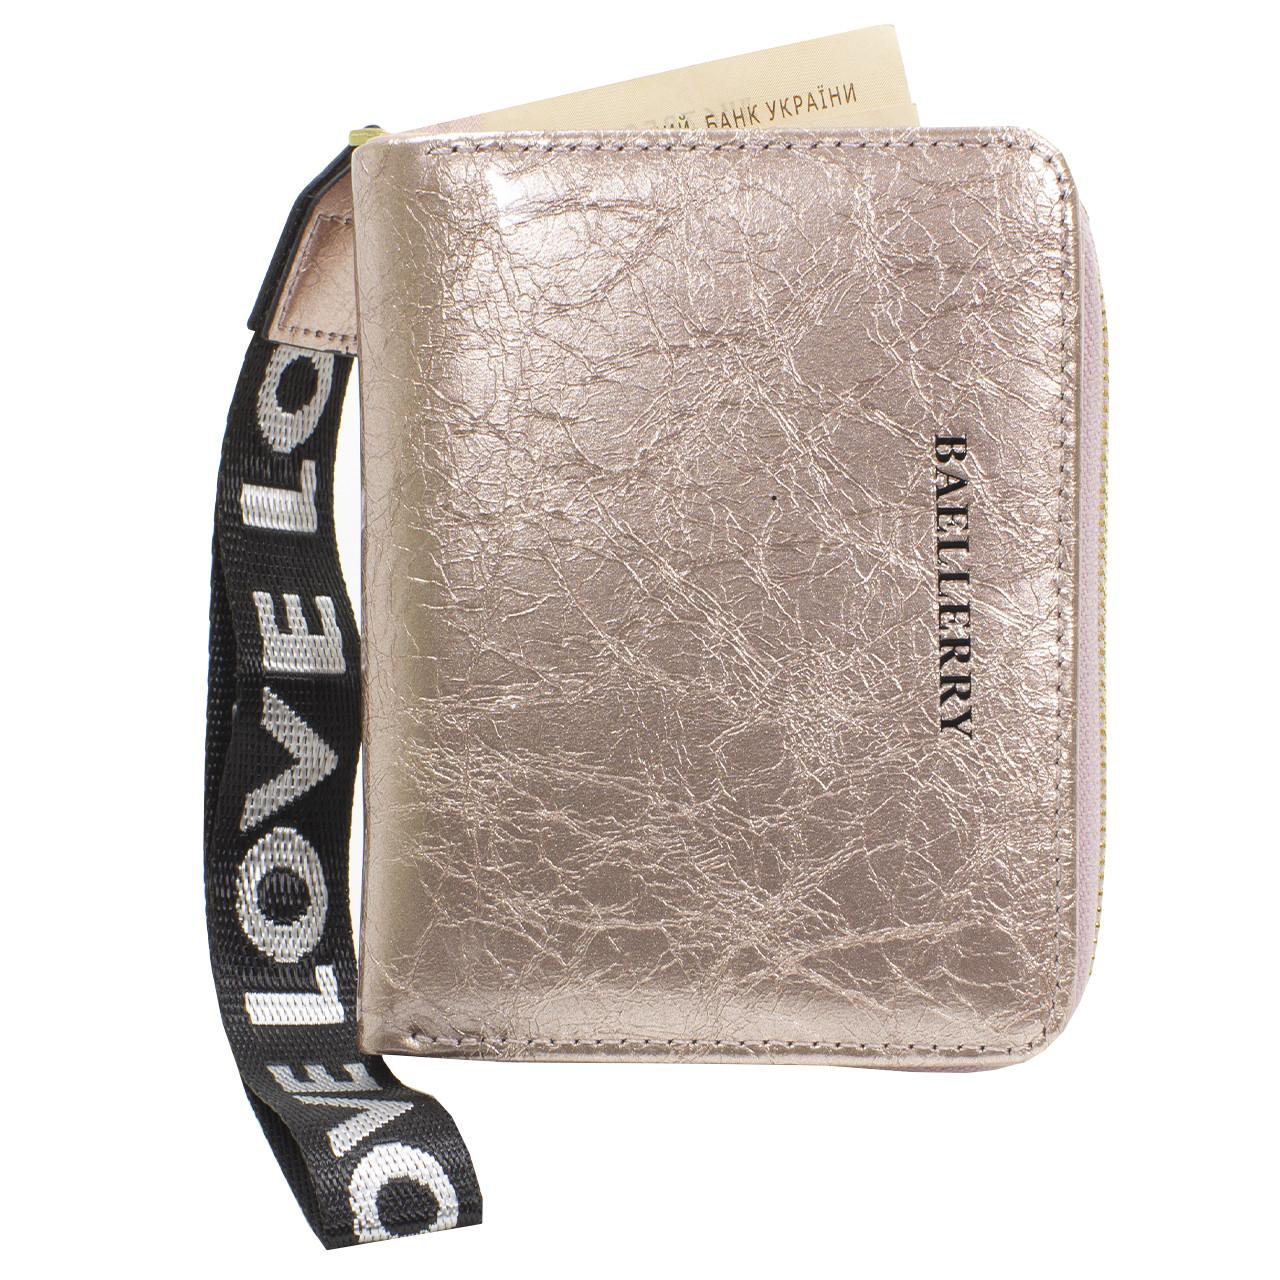 Жіночий гаманець Baellerry DR022 Rose Gold з ремінцем (3544-10240)